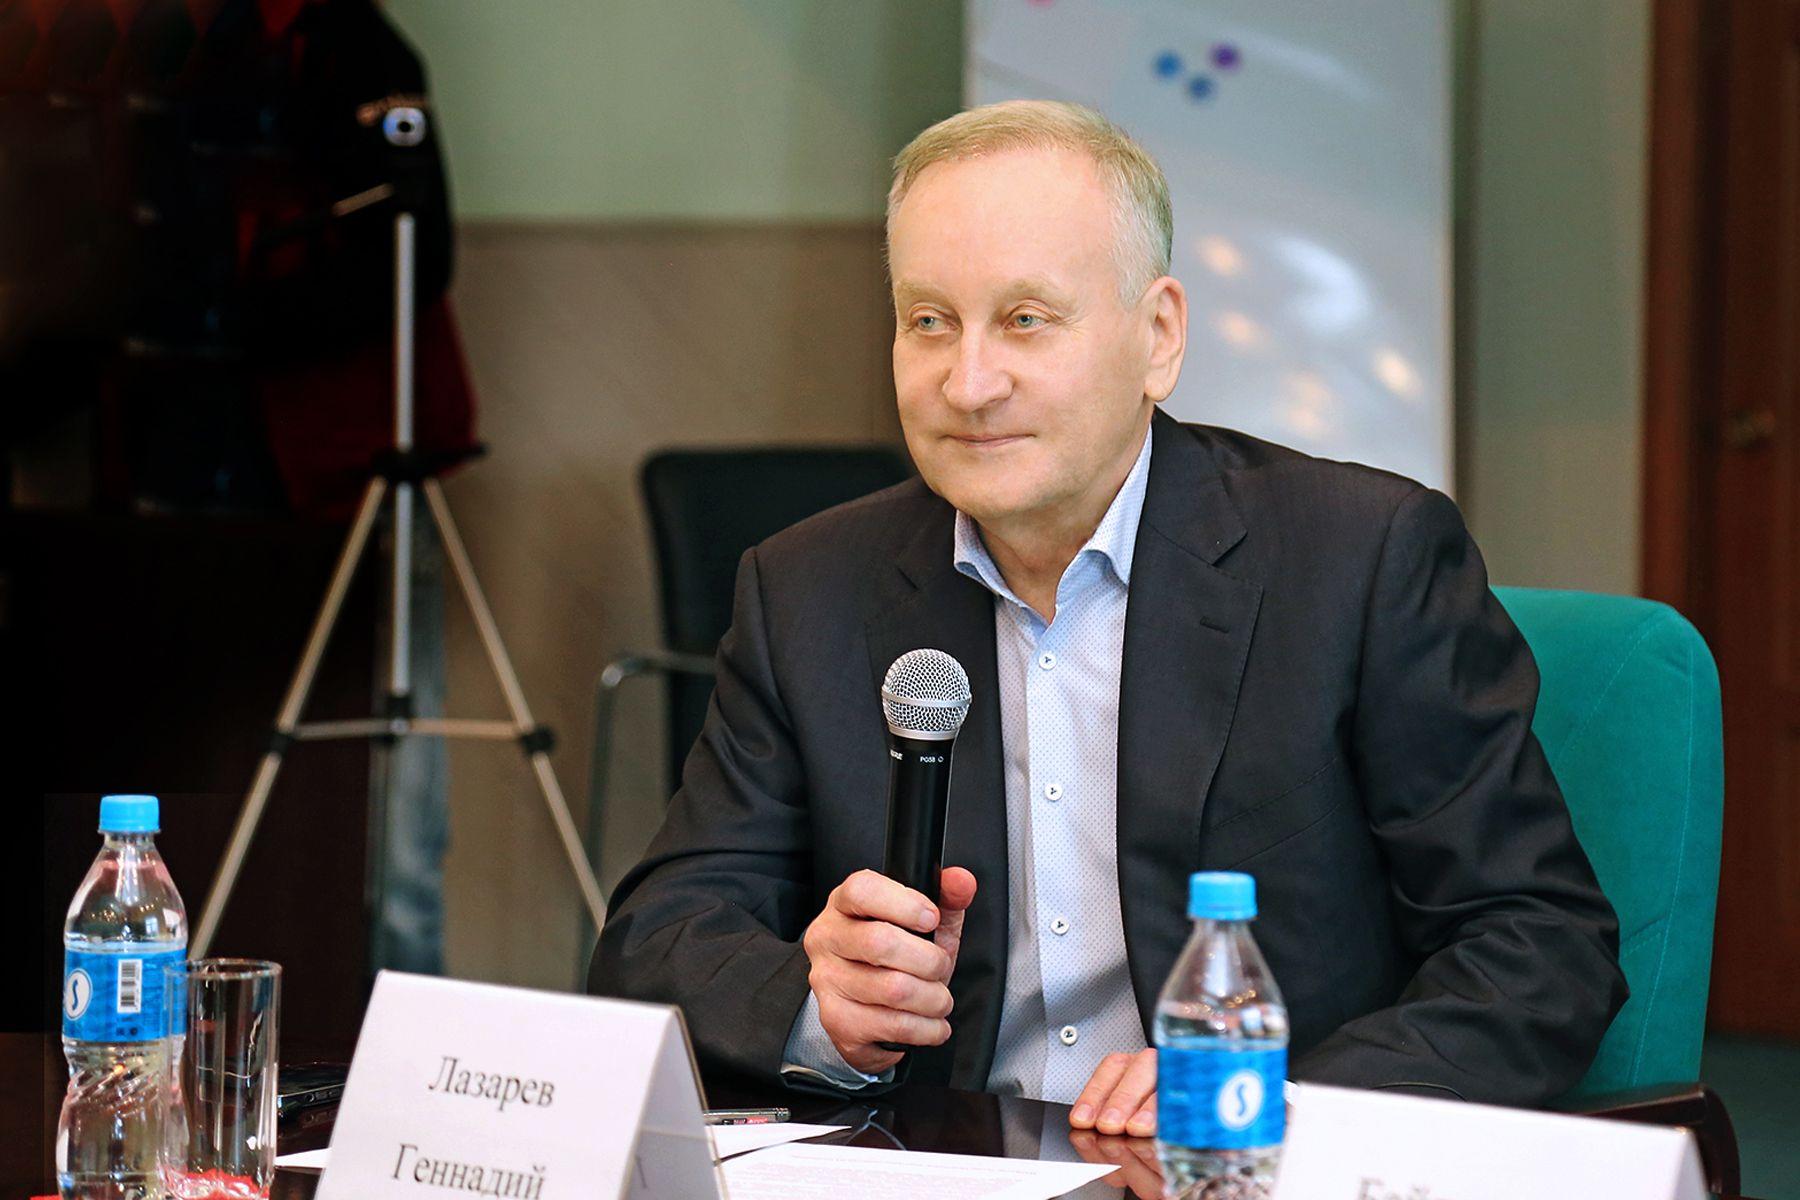 Избирательный процесс в новой цифровой реальности: выборы 2021 обсудили во ВГУЭС